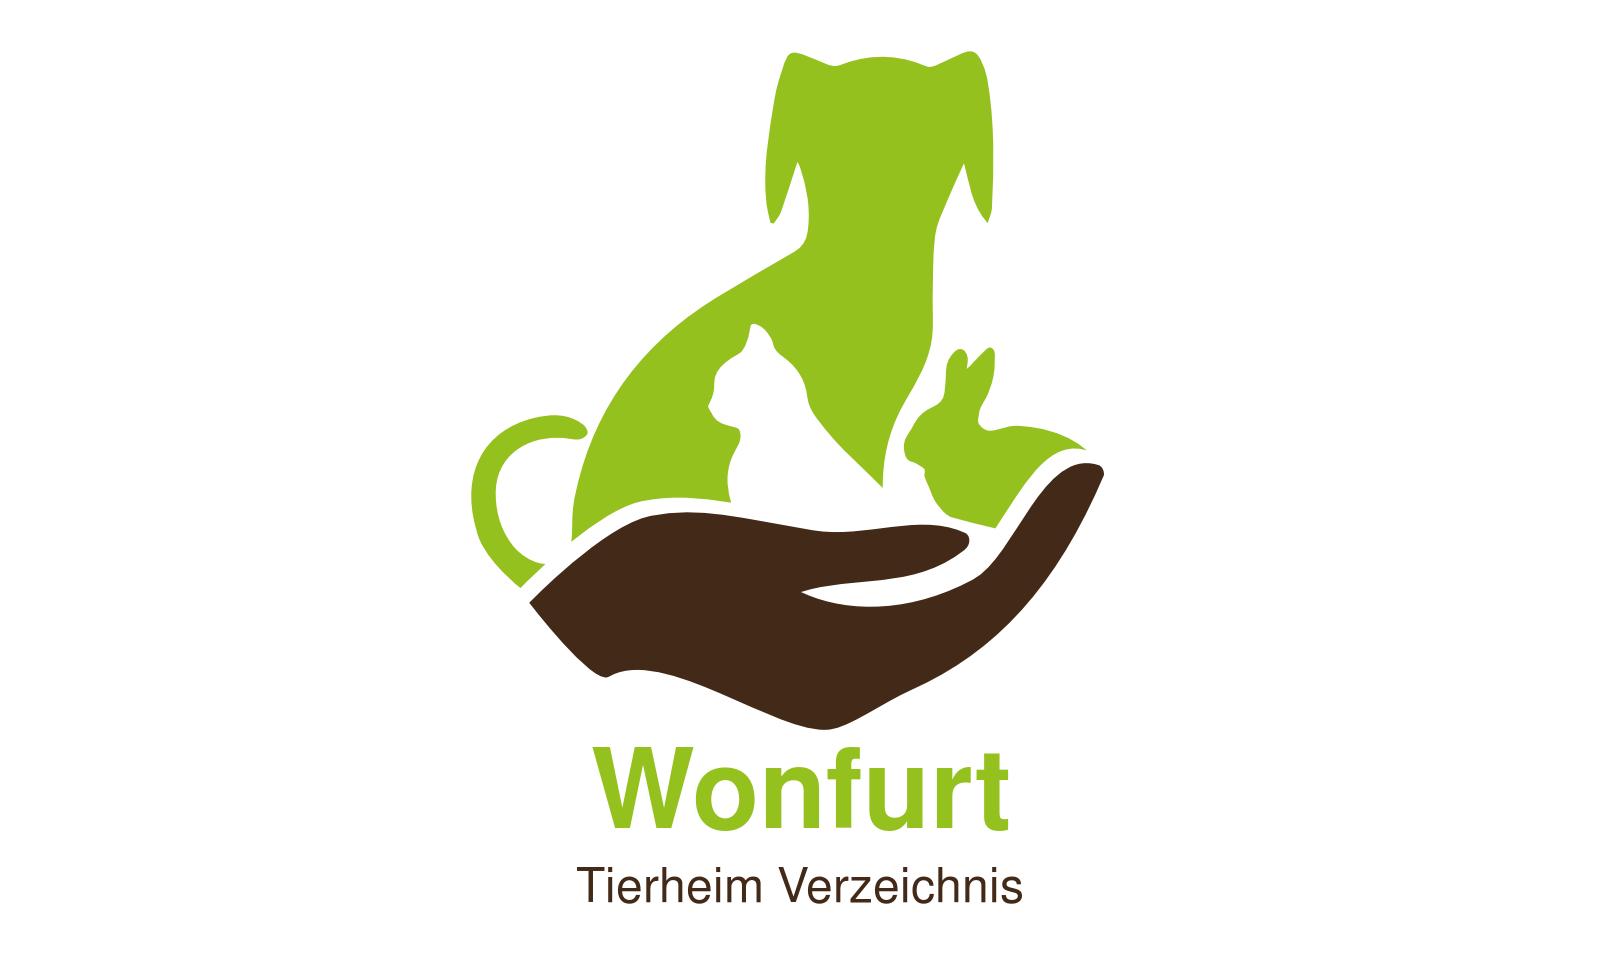 Tierheim Wonfurt